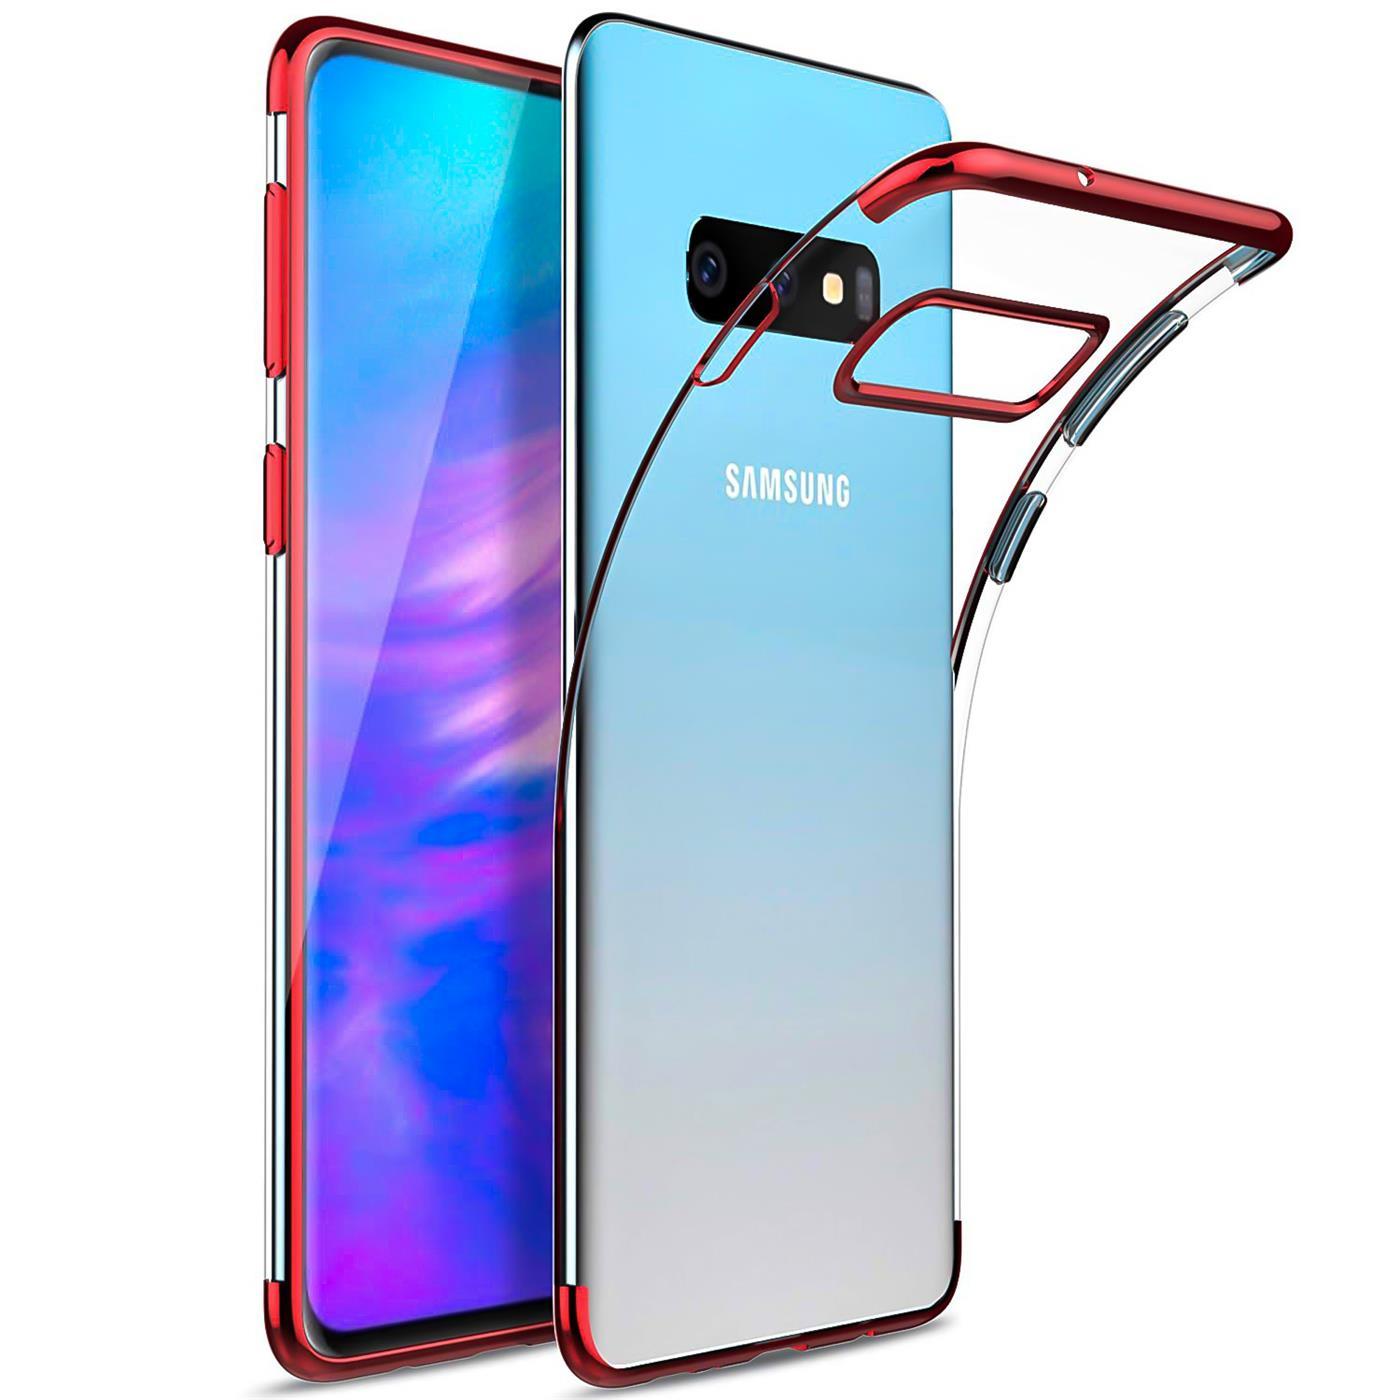 Samsung-Galaxy-S10-Huelle-Schutzhuelle-Handy-Tasche-Slim-Cover-Case-Transparent Indexbild 12